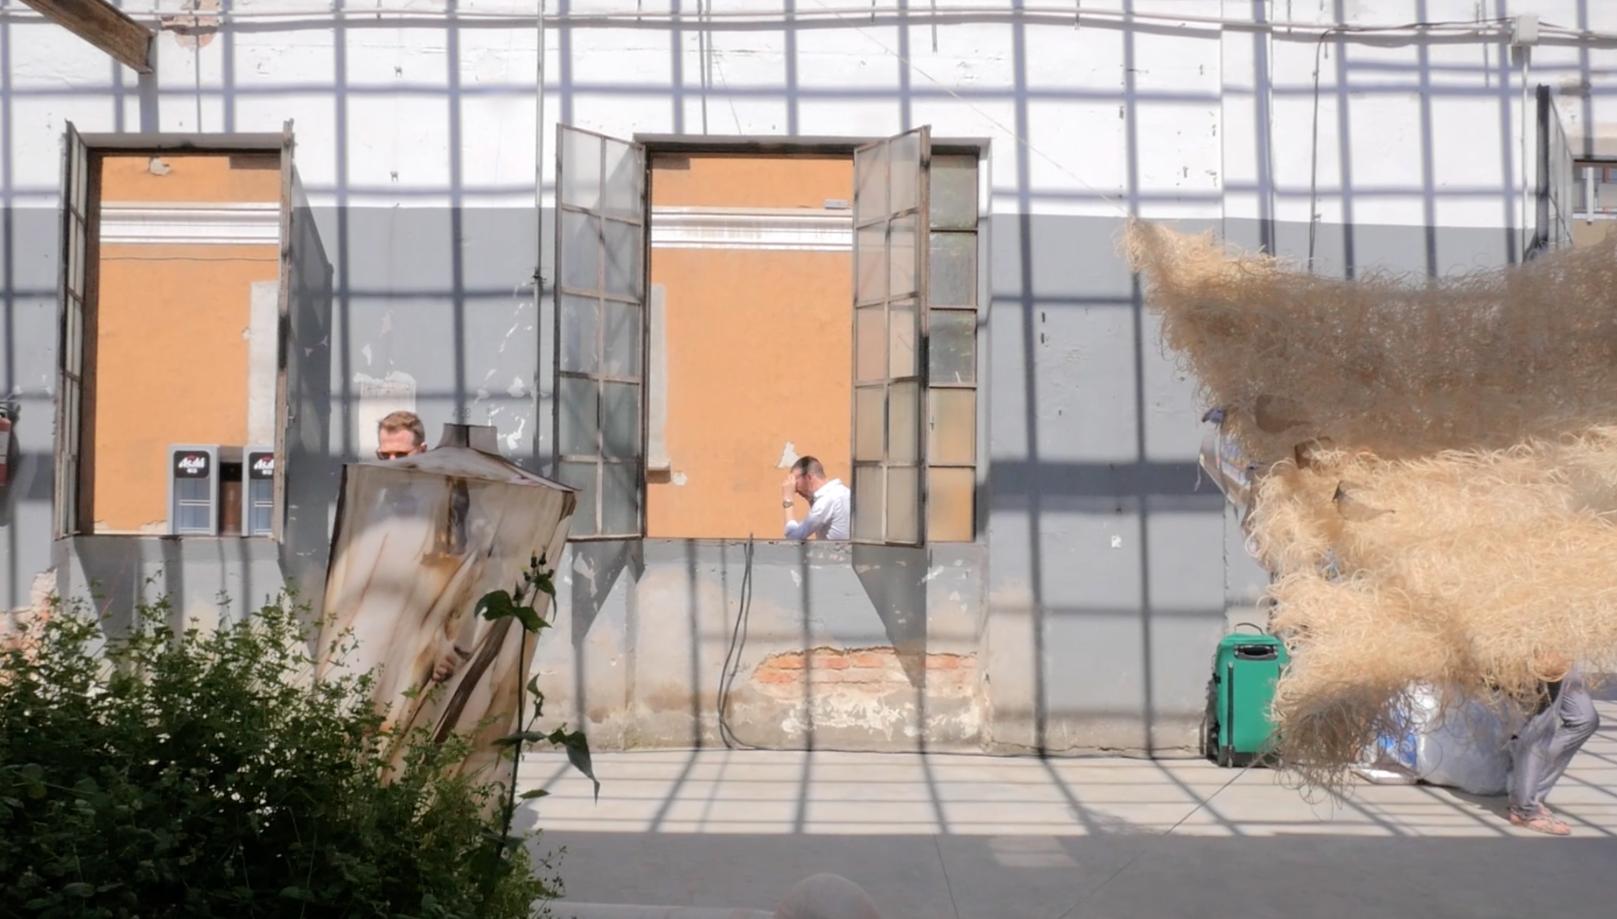 Alcova-Fuorisalone-2018-Massimo-Demelas-Video-Milan-Design-Week-Ventura-Centrale-Nolo